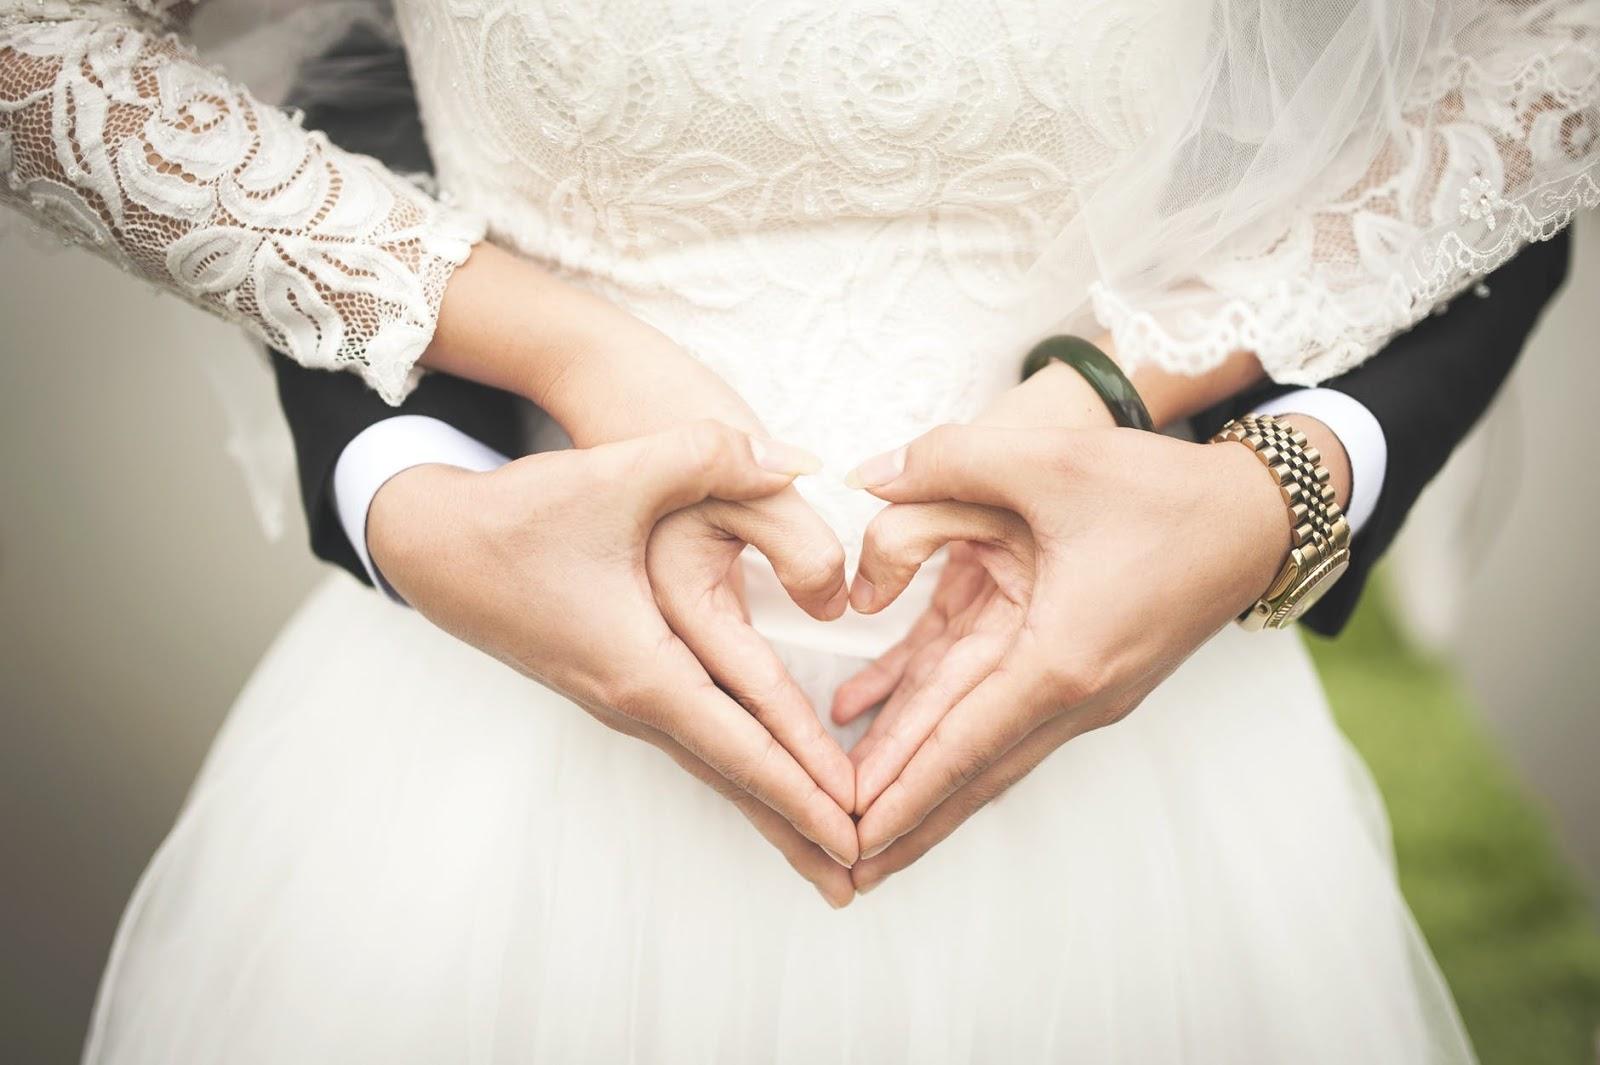 court marriage procedure